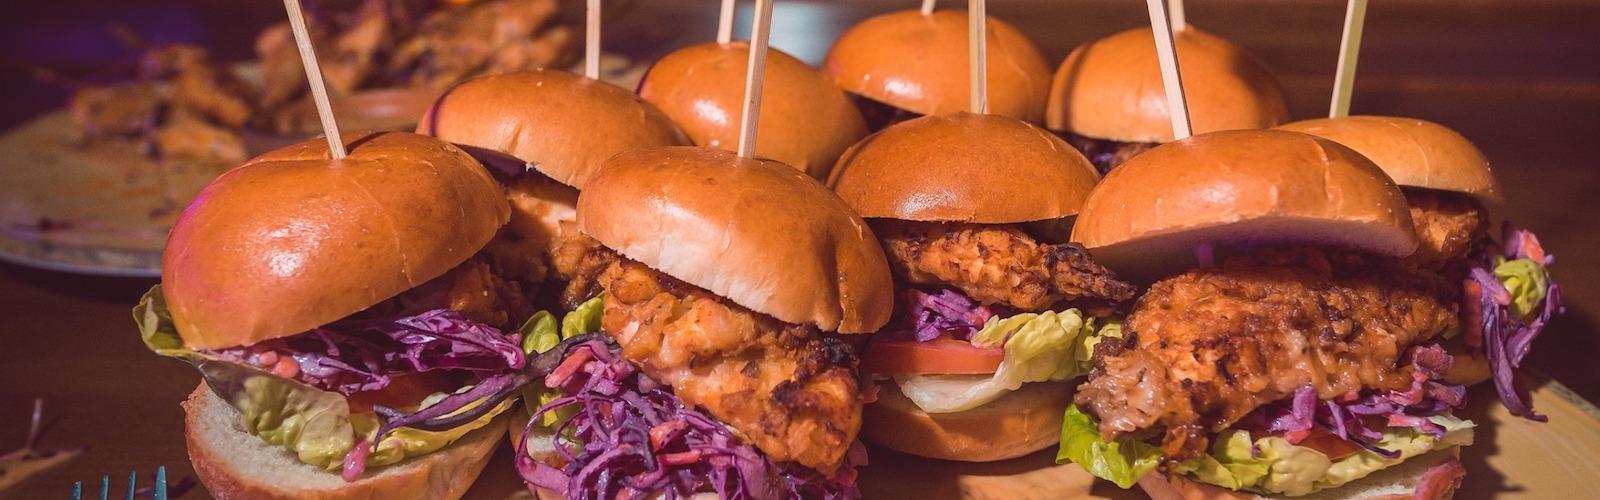 chicken burgers at Banyan Spinningfields Manchester